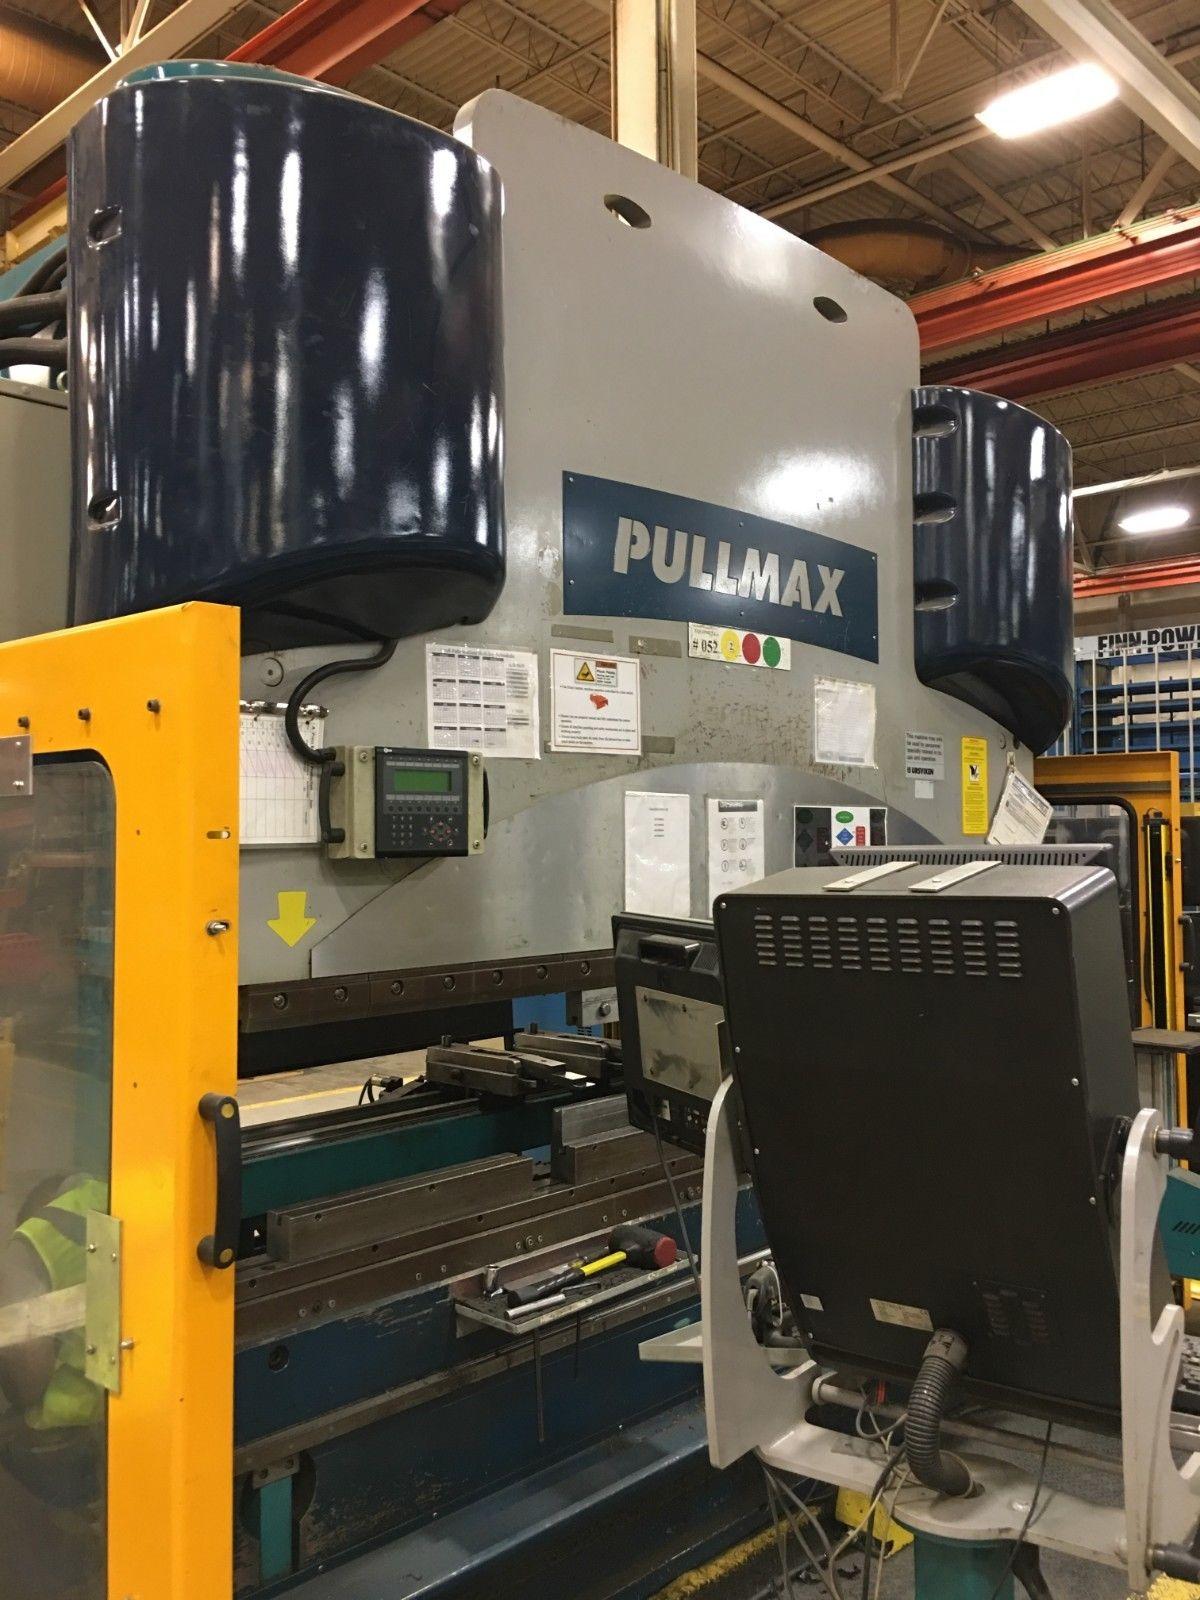 Lot 8 - Pullmax Optiflex 130 CNC Press Brake 130 Tons